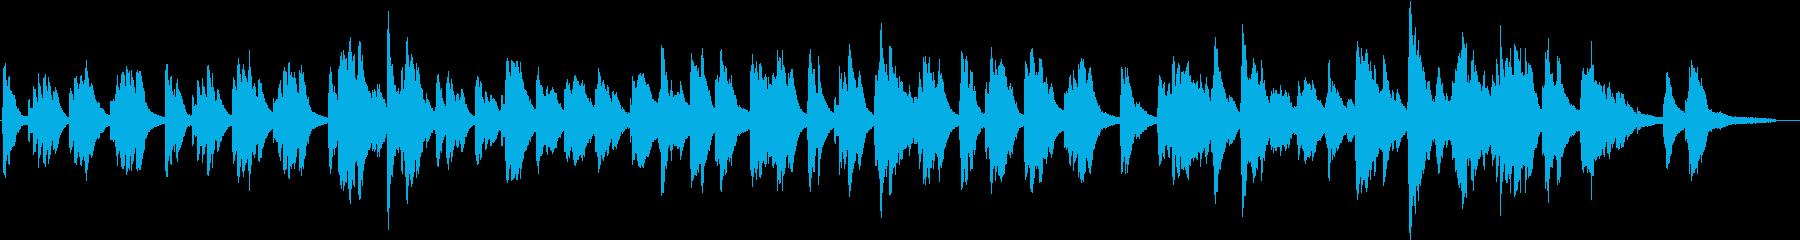 秋の気配を感じる切ないソロピアノの再生済みの波形